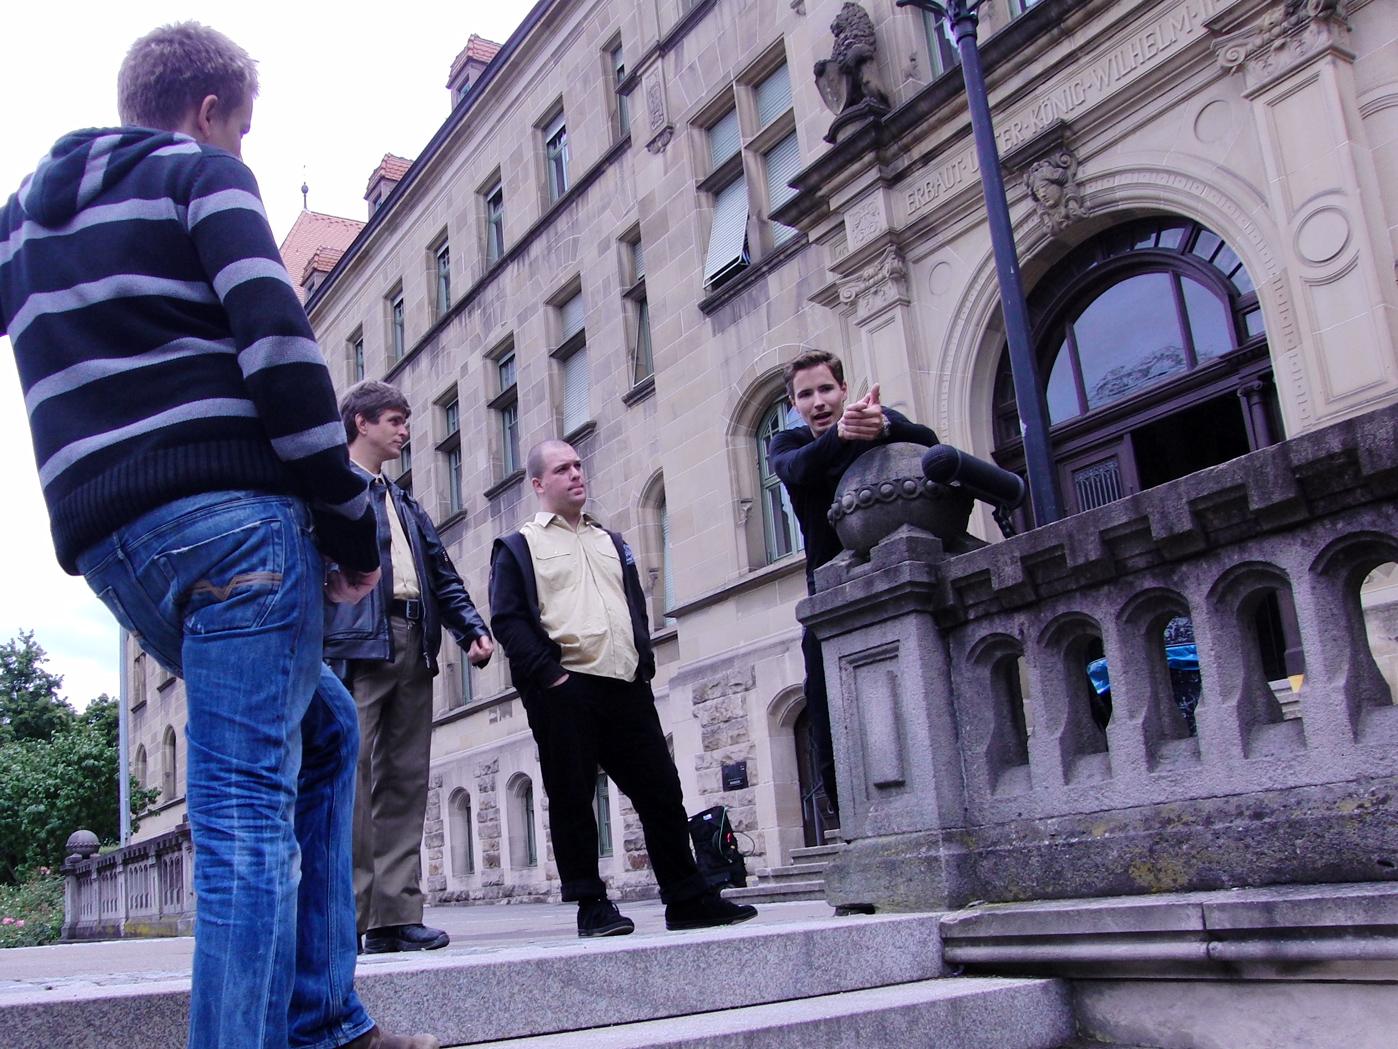 MG Action, Martin Goeres, Stuntkoordinator